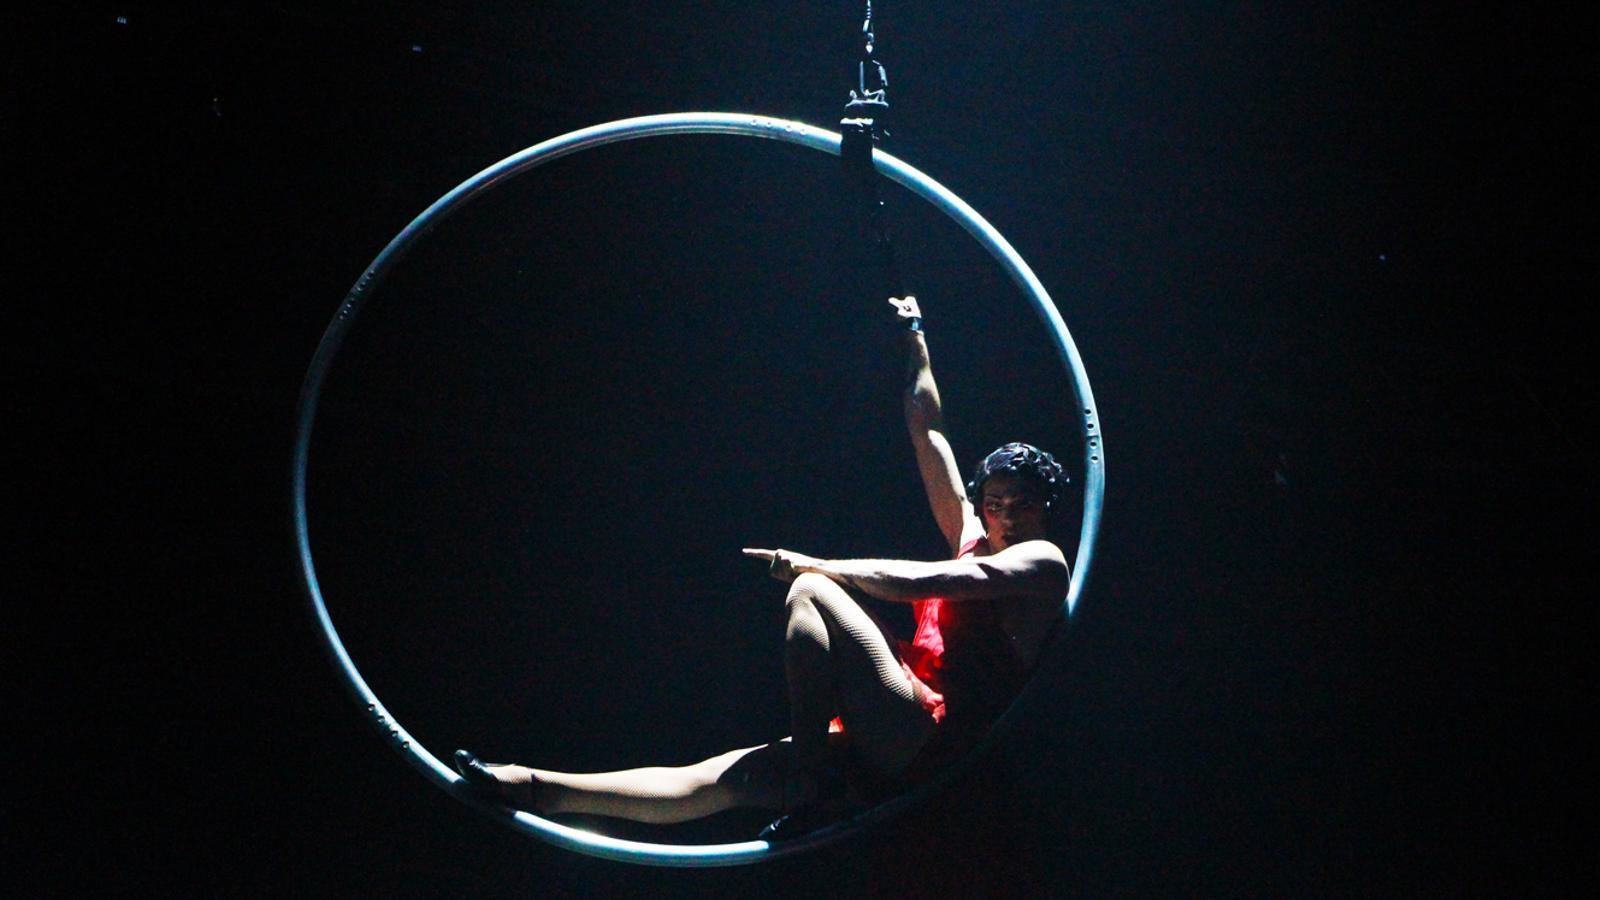 Estrena de Rebel, el nou espectacle del Cirque du Soleil per al juliol. / ARXIU ANA